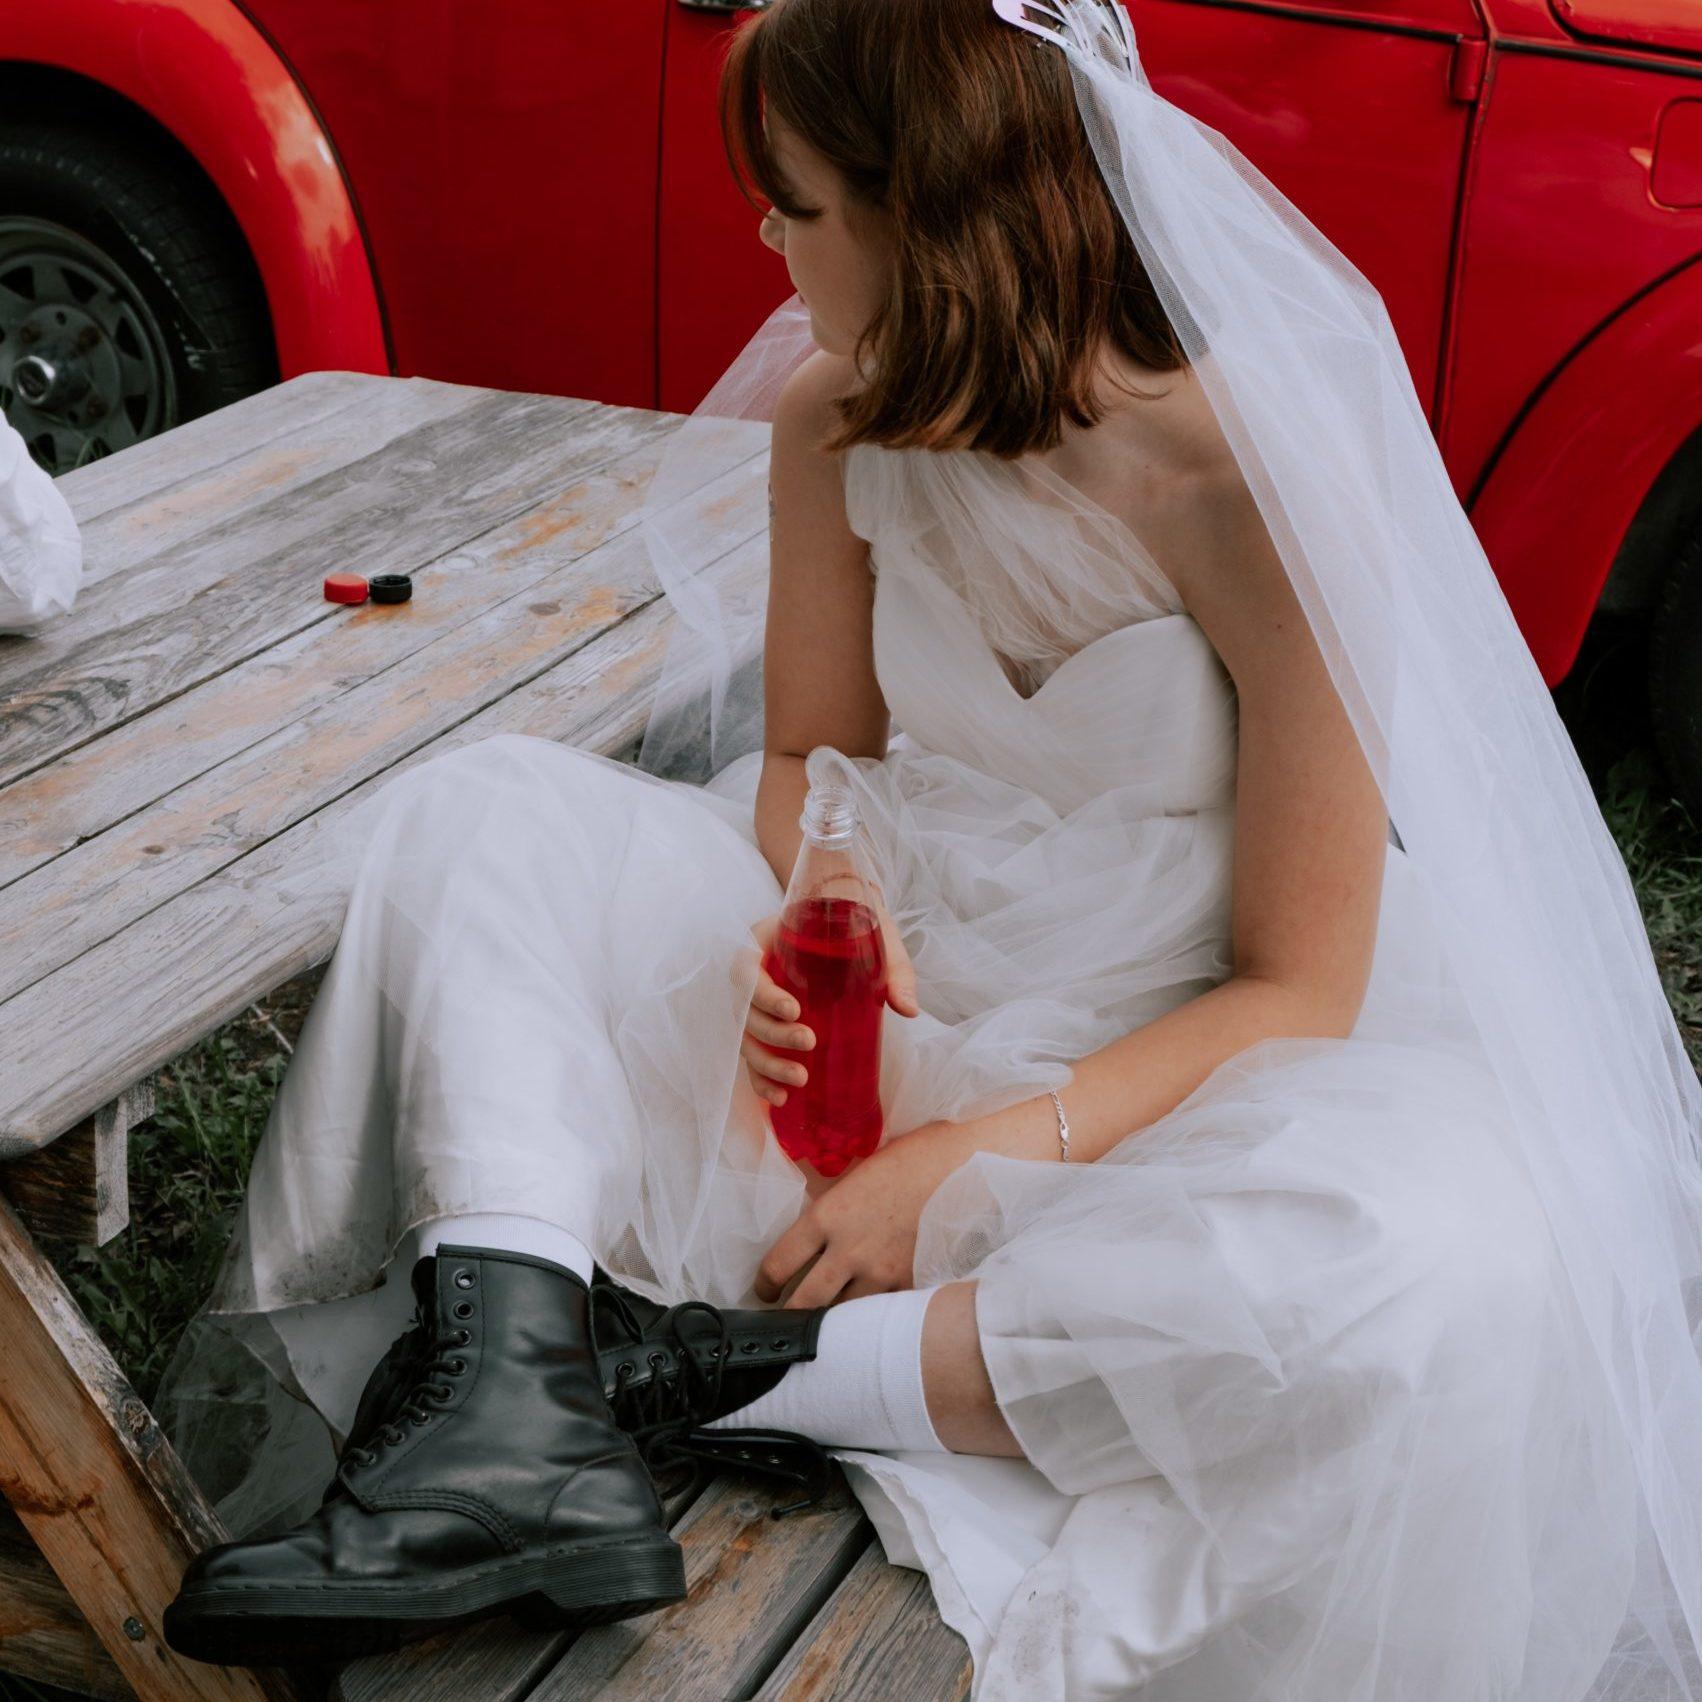 Pourquoi devriez-vous envisager de vous marier en petit comité